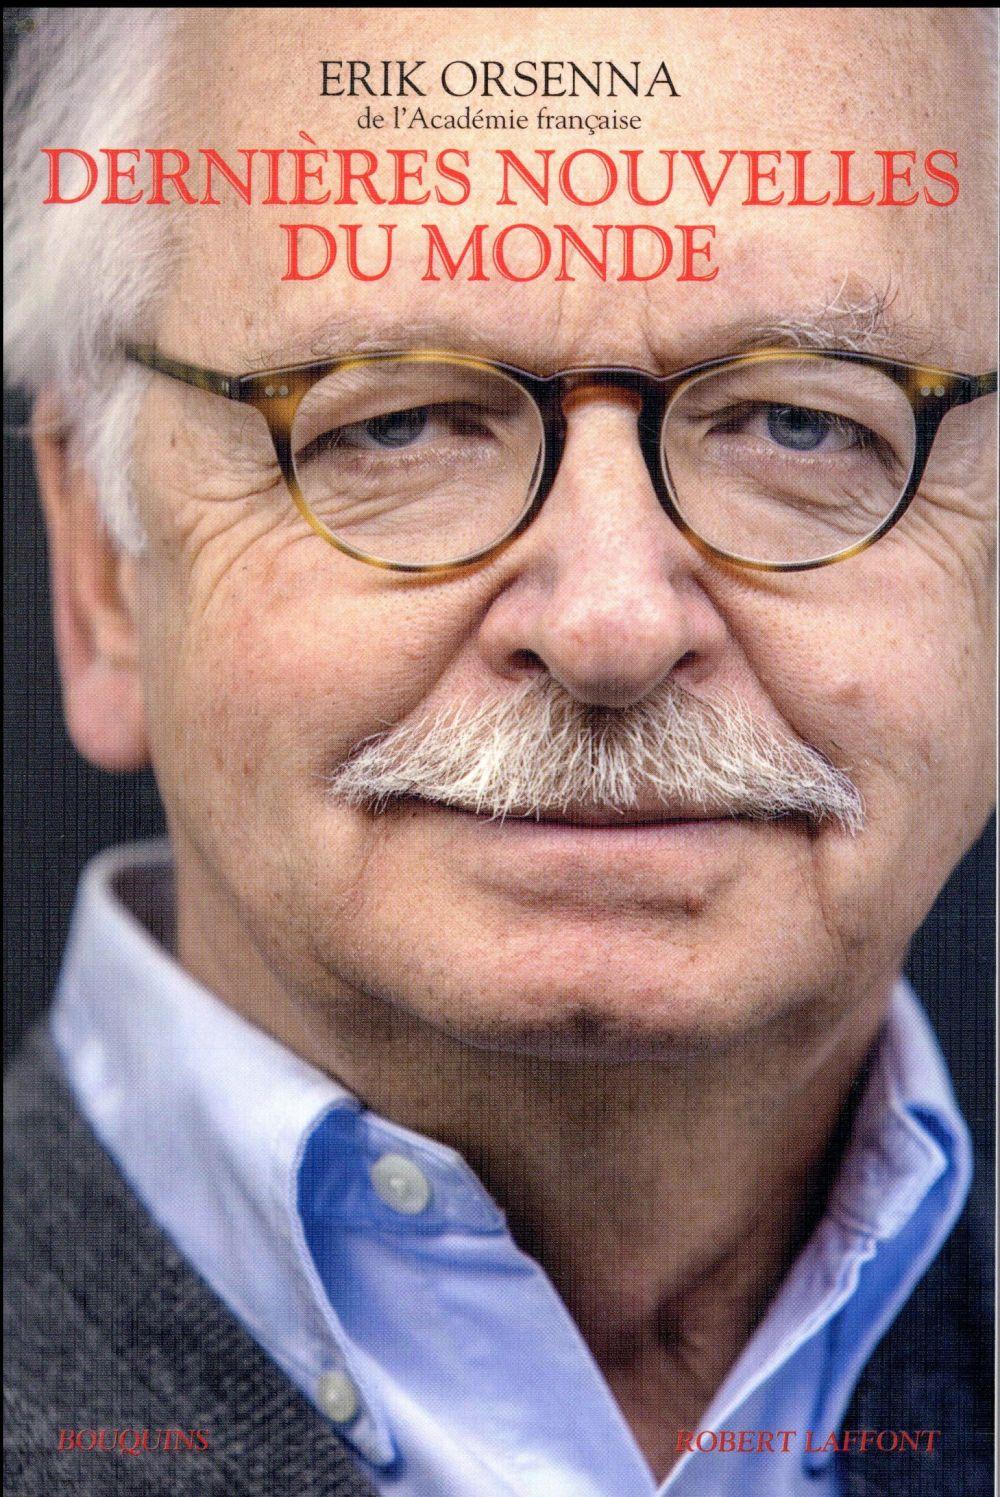 DERNIERES NOUVELLES DU MONDE